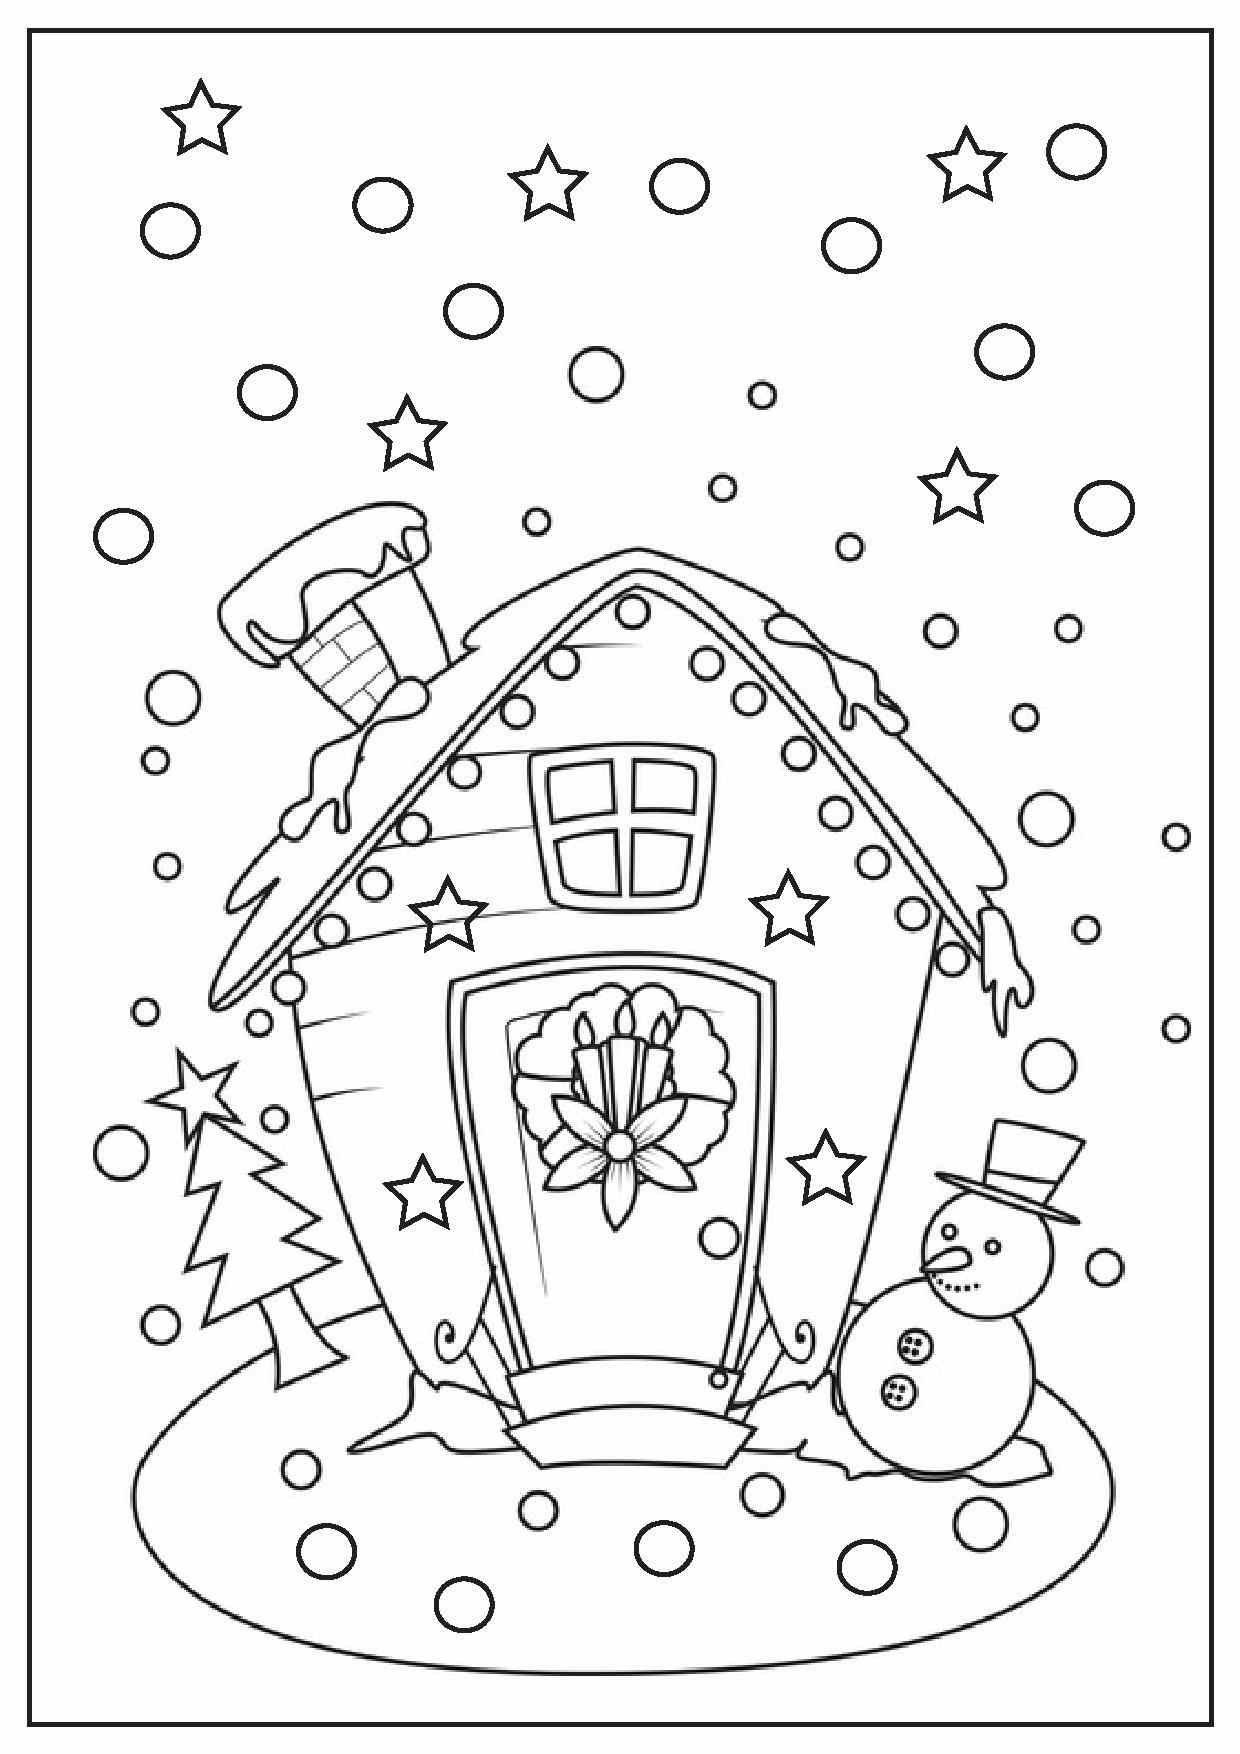 Christmas Maths Colouring Sheets Ks1 Christmas Maths Free Colouring Sheets Ks2